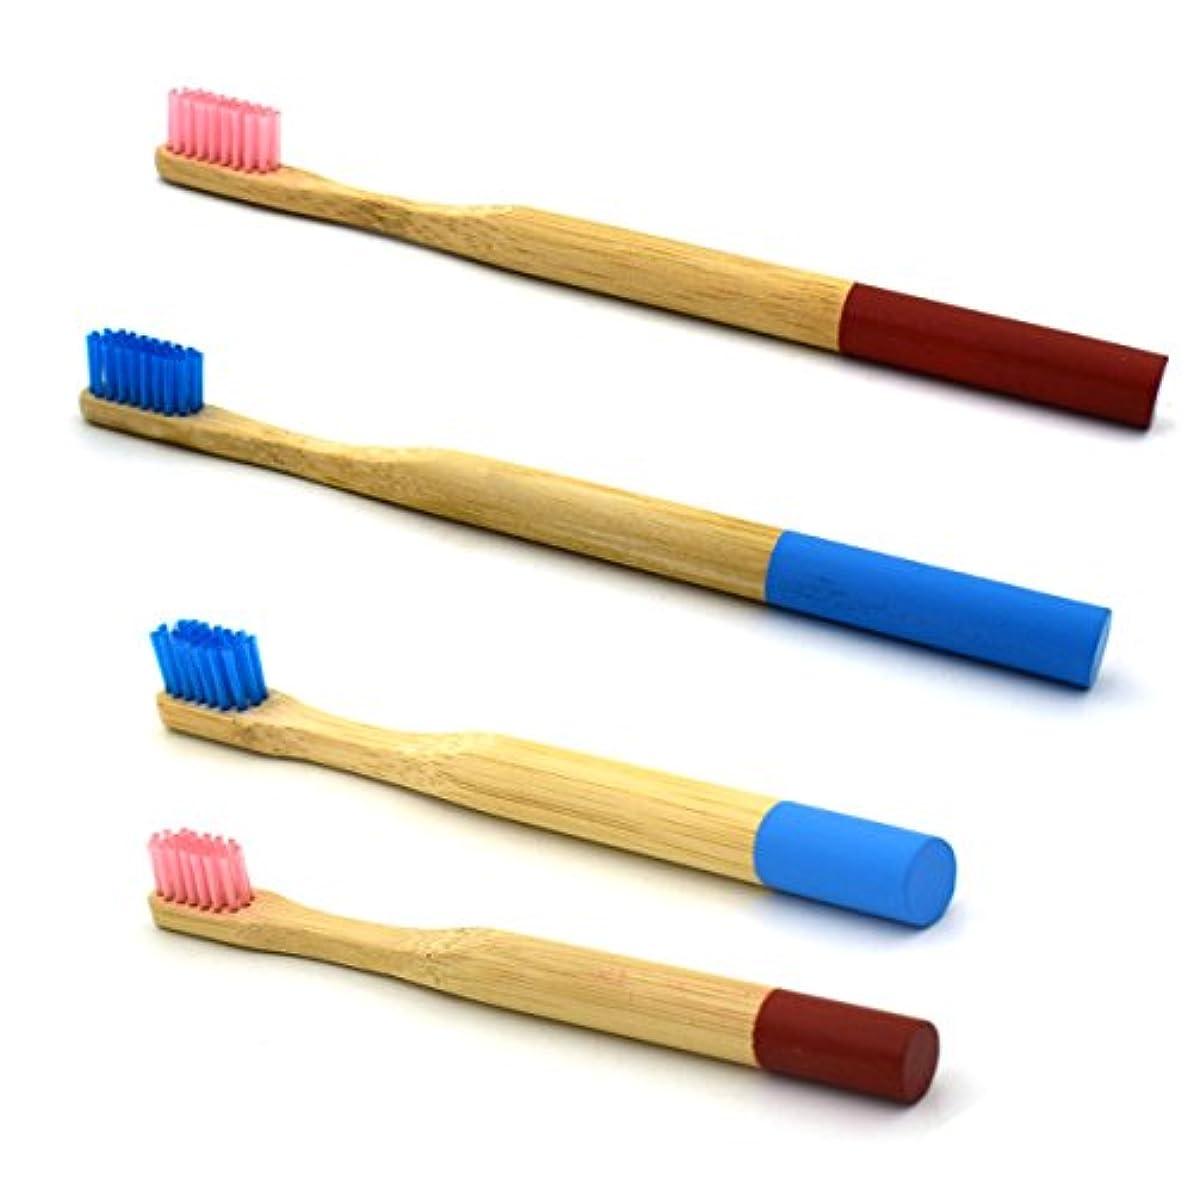 先見の明糞チューリップHEALLILY ラウンドハンドルエコフレンドリーソフト剛毛歯ブラシ(ブルーとピンク) - 大人と子供と4個の天然竹製の歯ブラシ